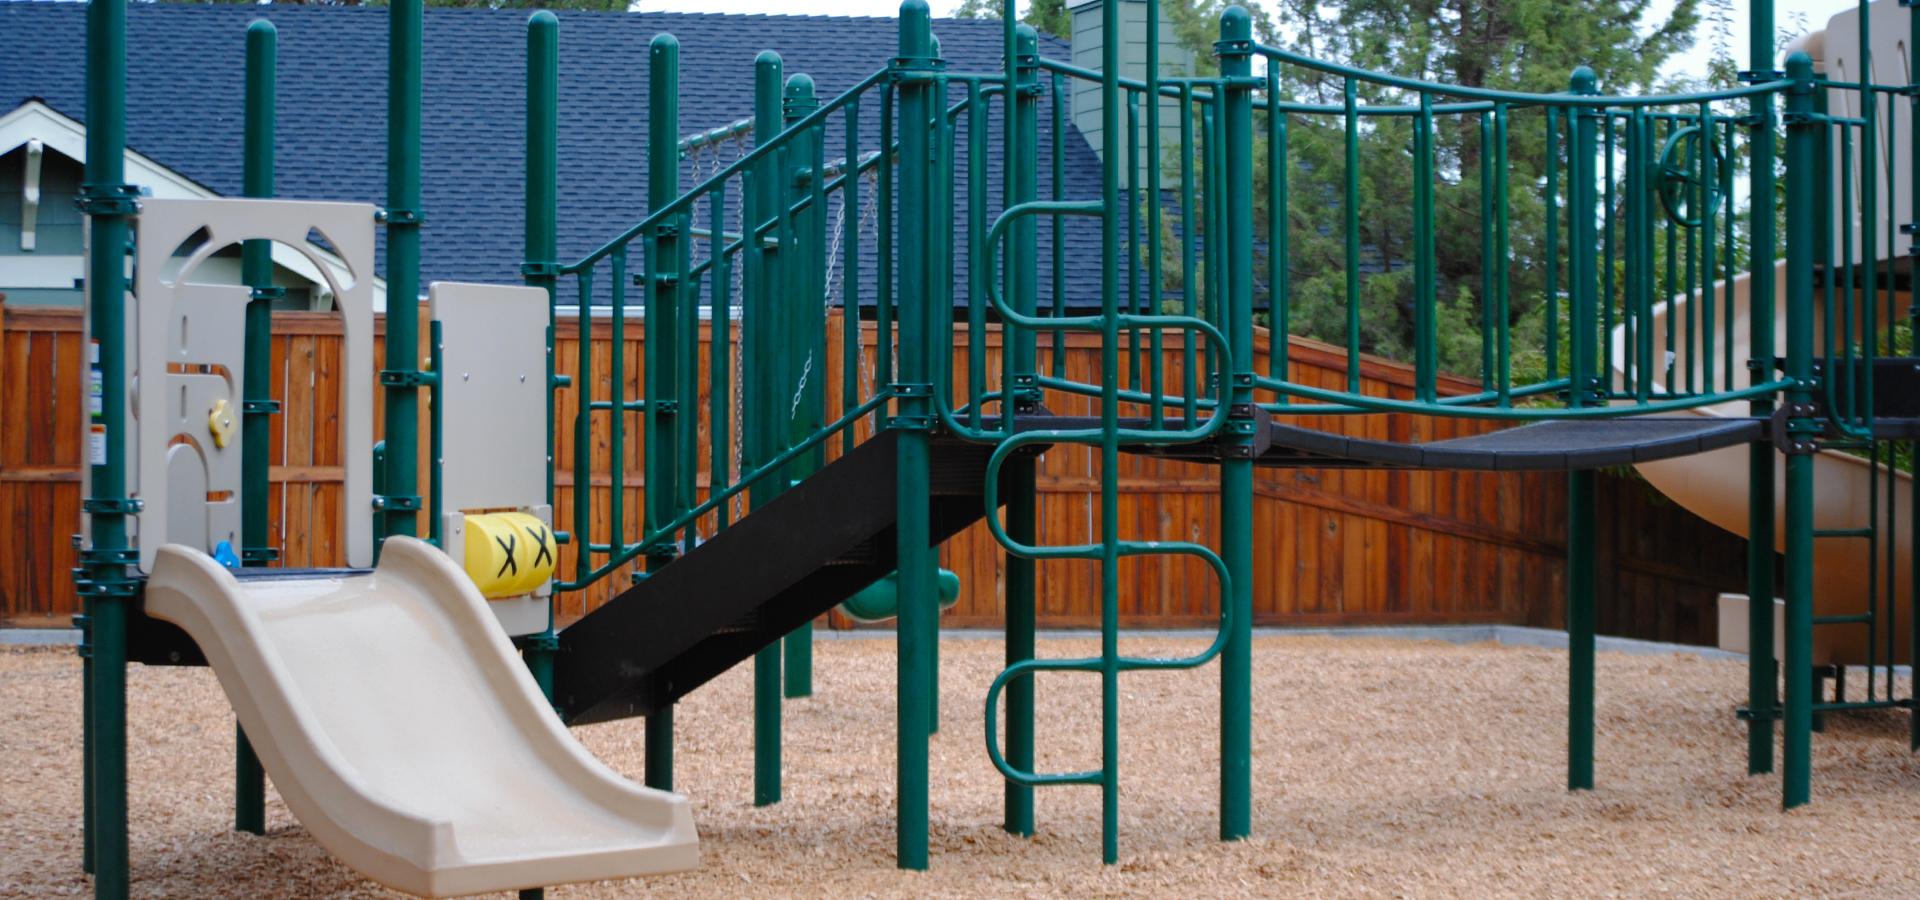 Awbrey-Village-Park-Playground-in-Bend